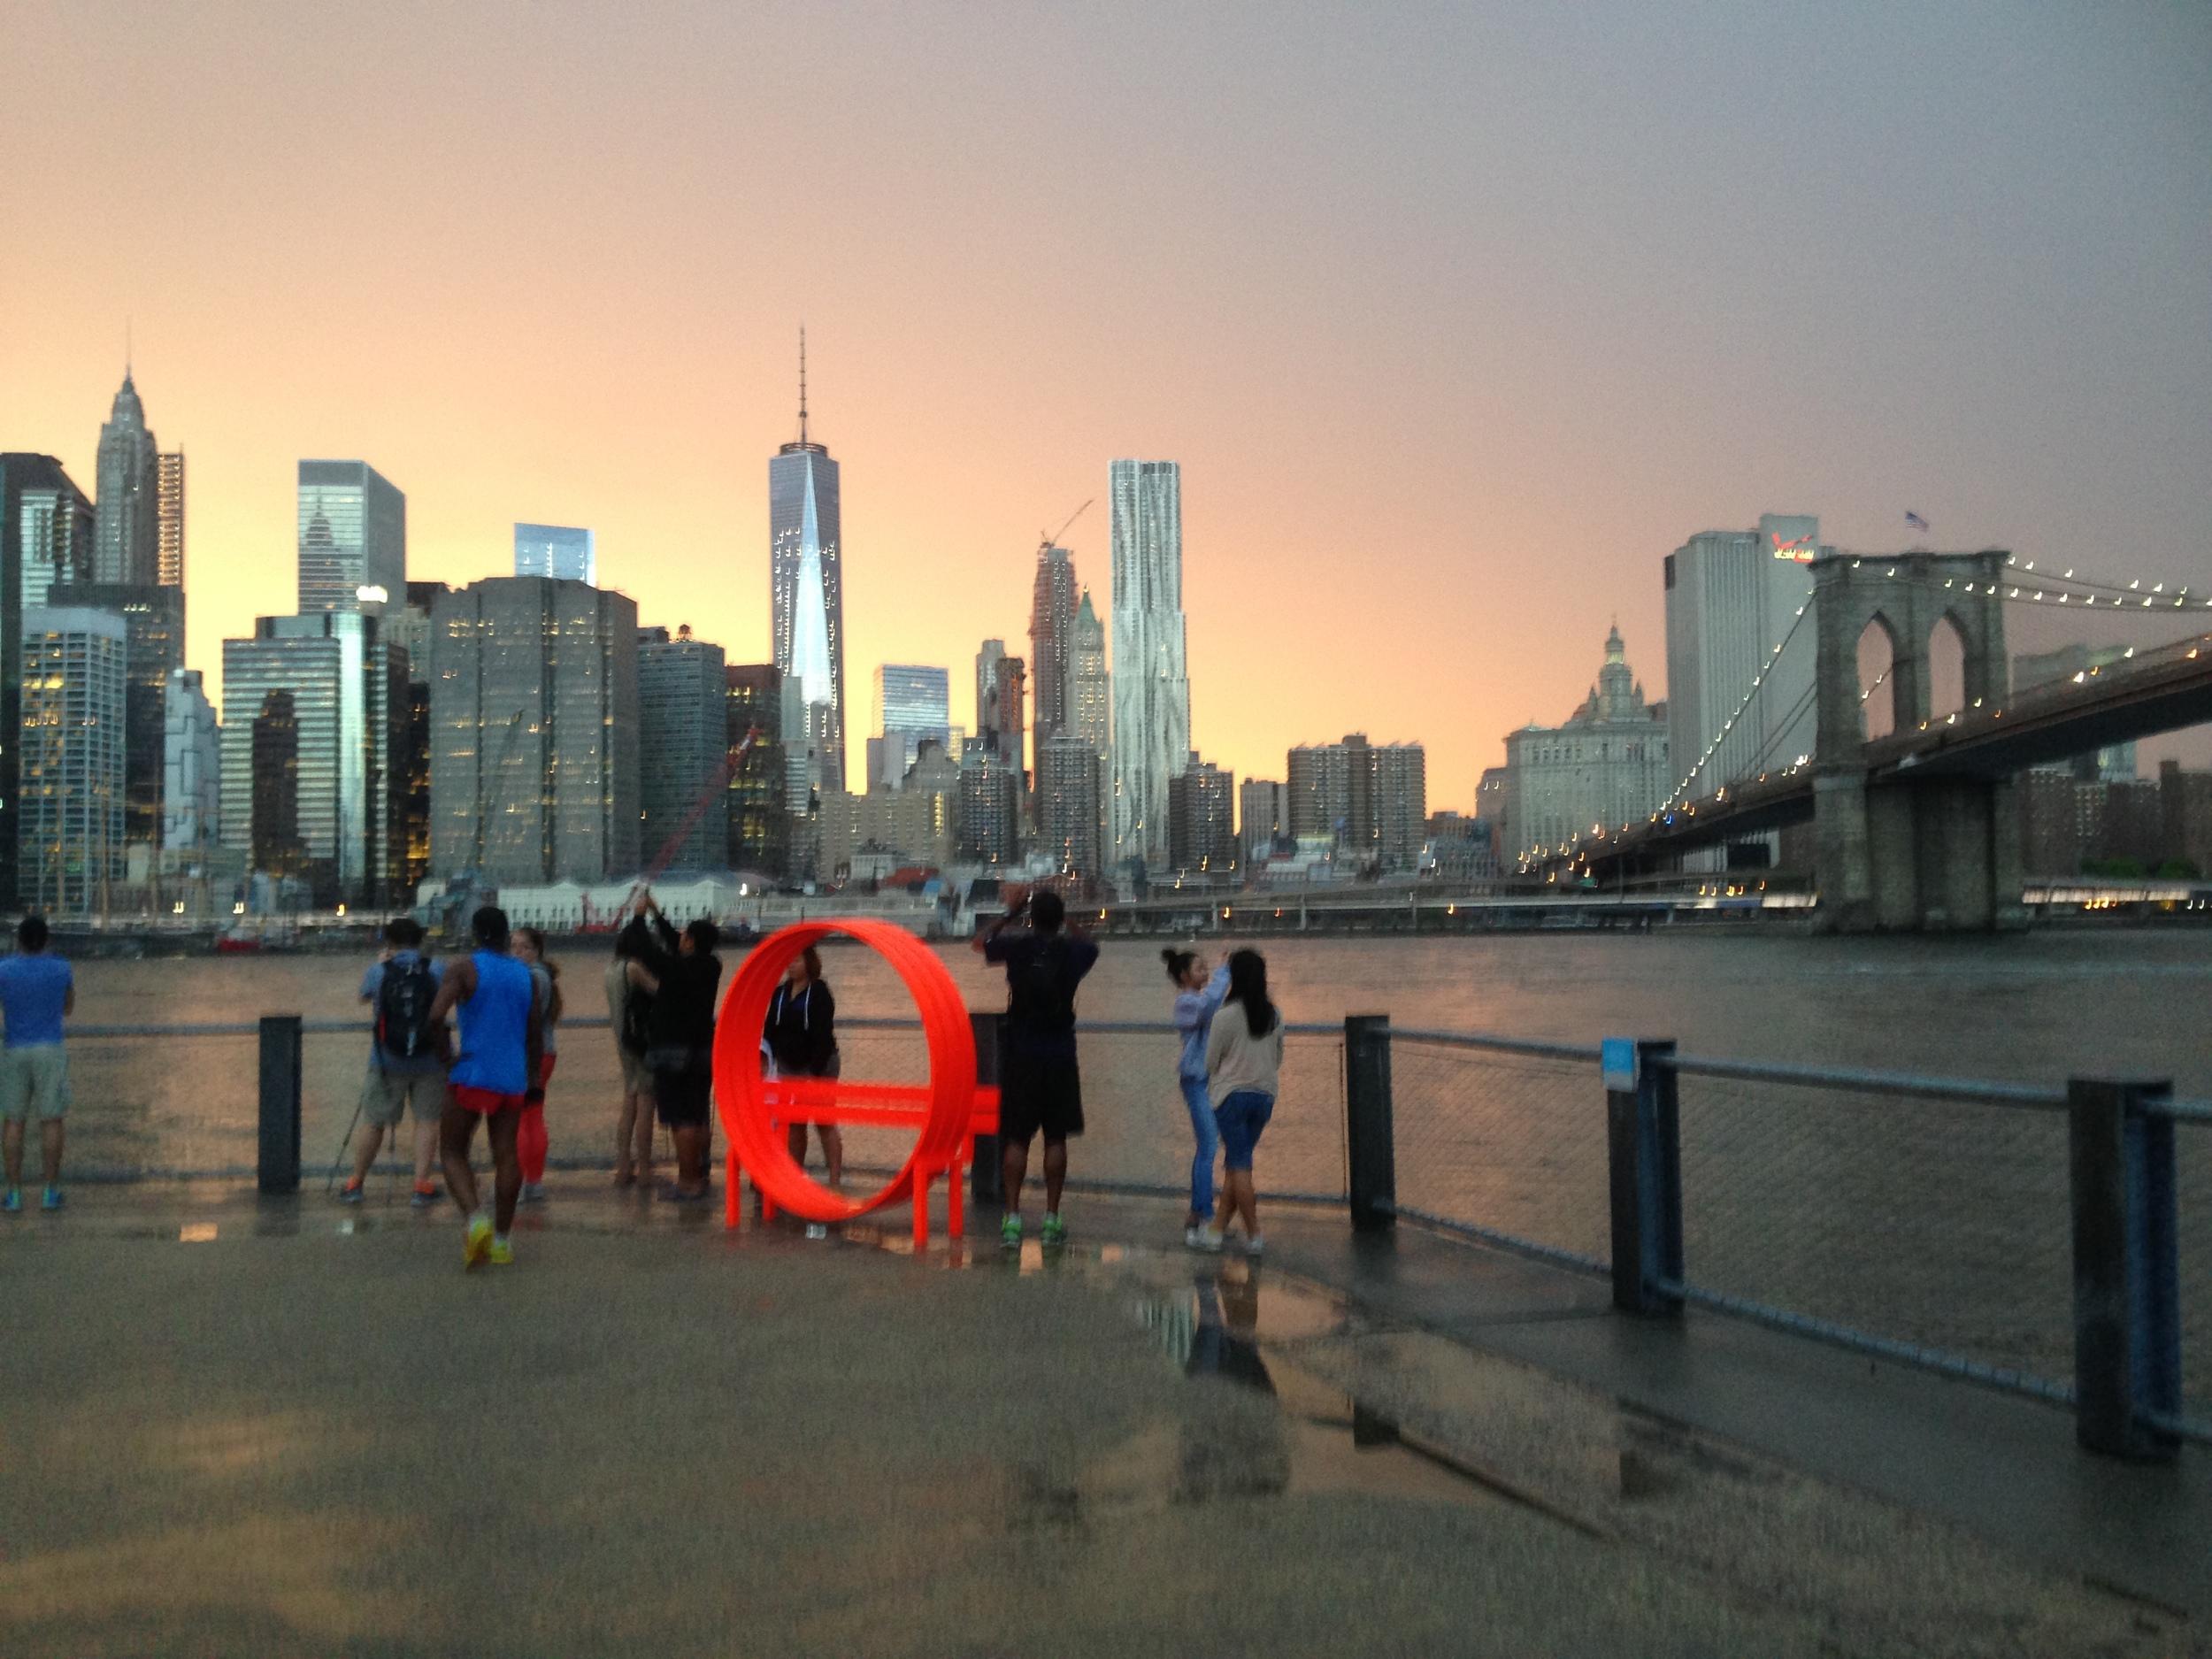 running-dumbo-brooklyn-nyc-skyline